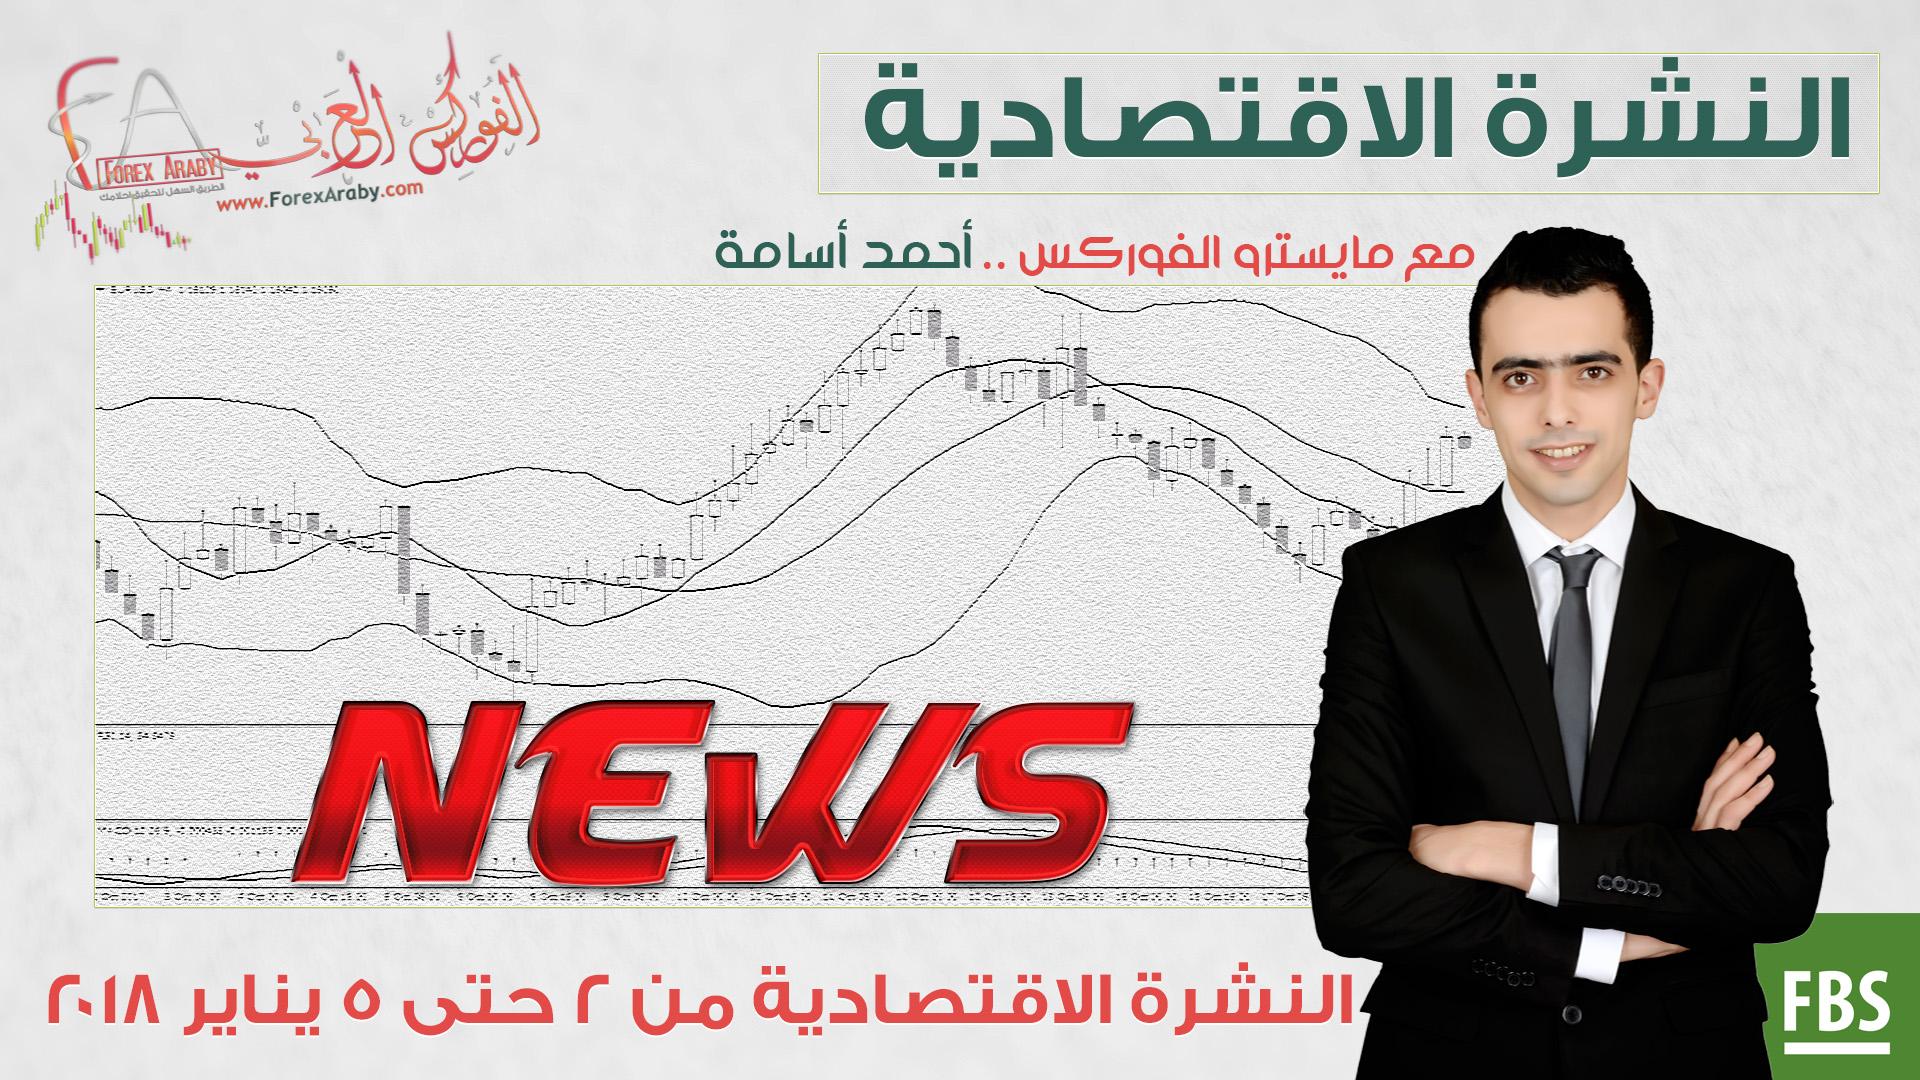 النشرة الاقتصادية للعملات من 2 حتى 5 يناير وأهم أخبار الاسواق المالية